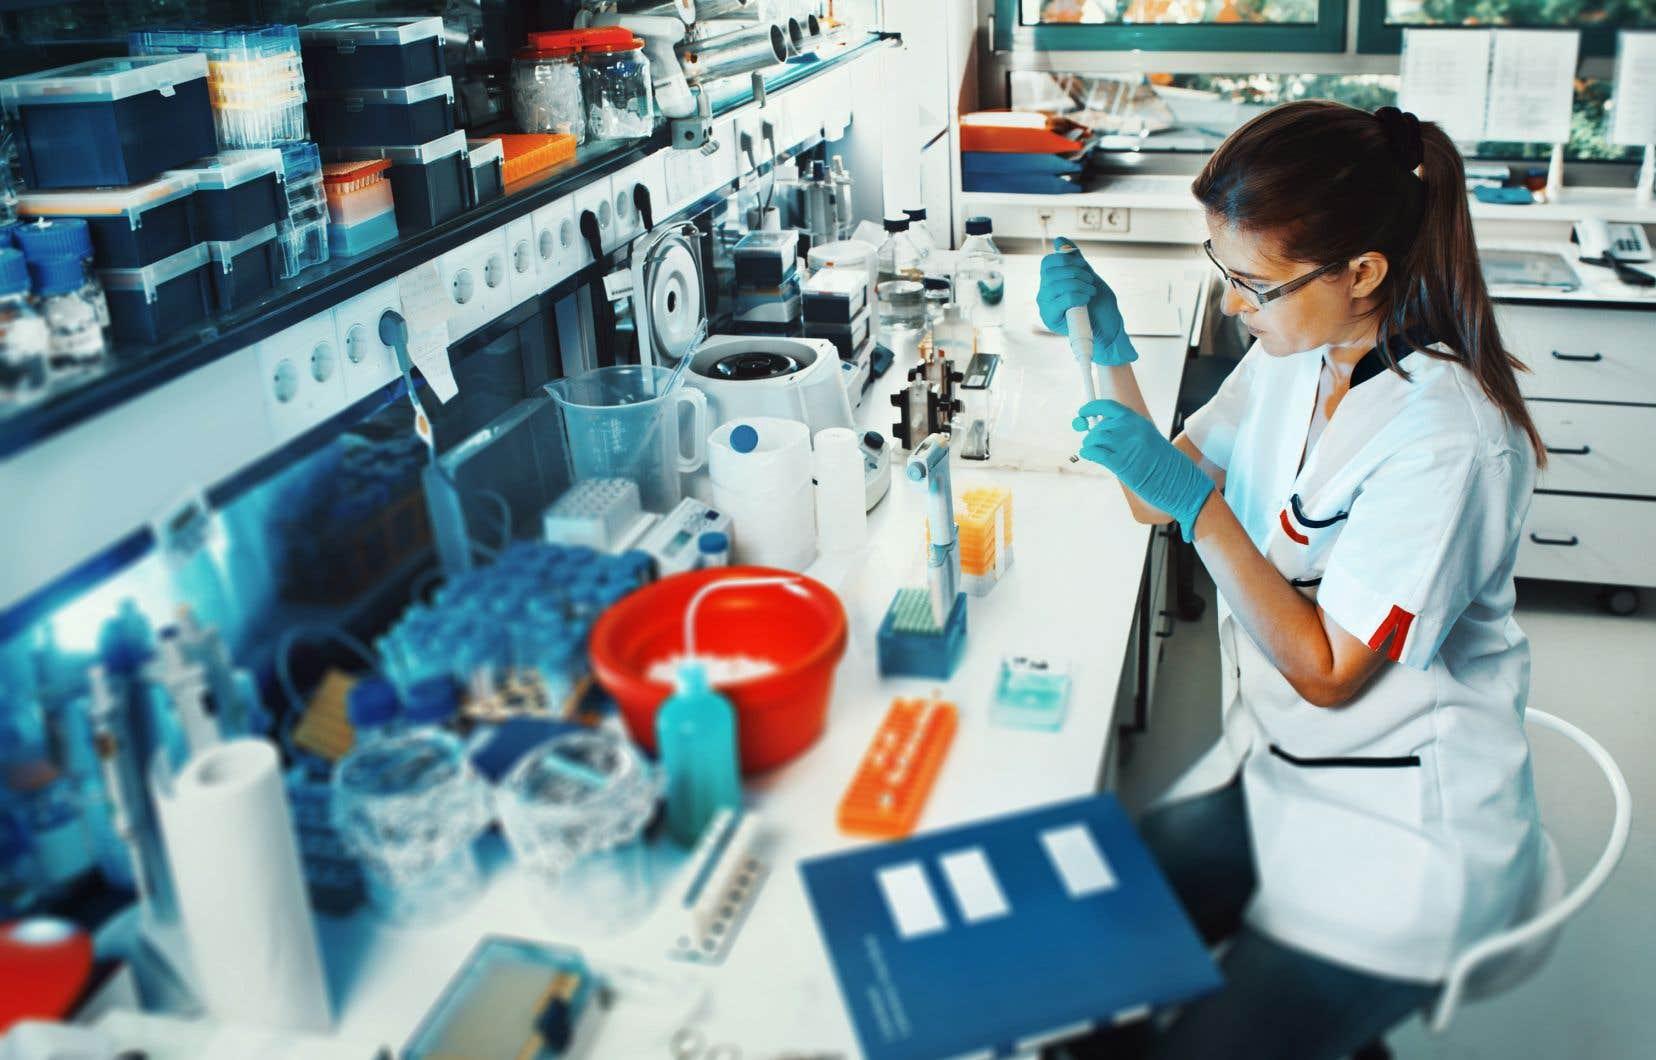 23% des 3025 scientifiques ayant répondu au sondage ont affirmé avoir été témoins de cas d'ingérence politique dans des travaux scientifiques menés au sein de la fonction publique.